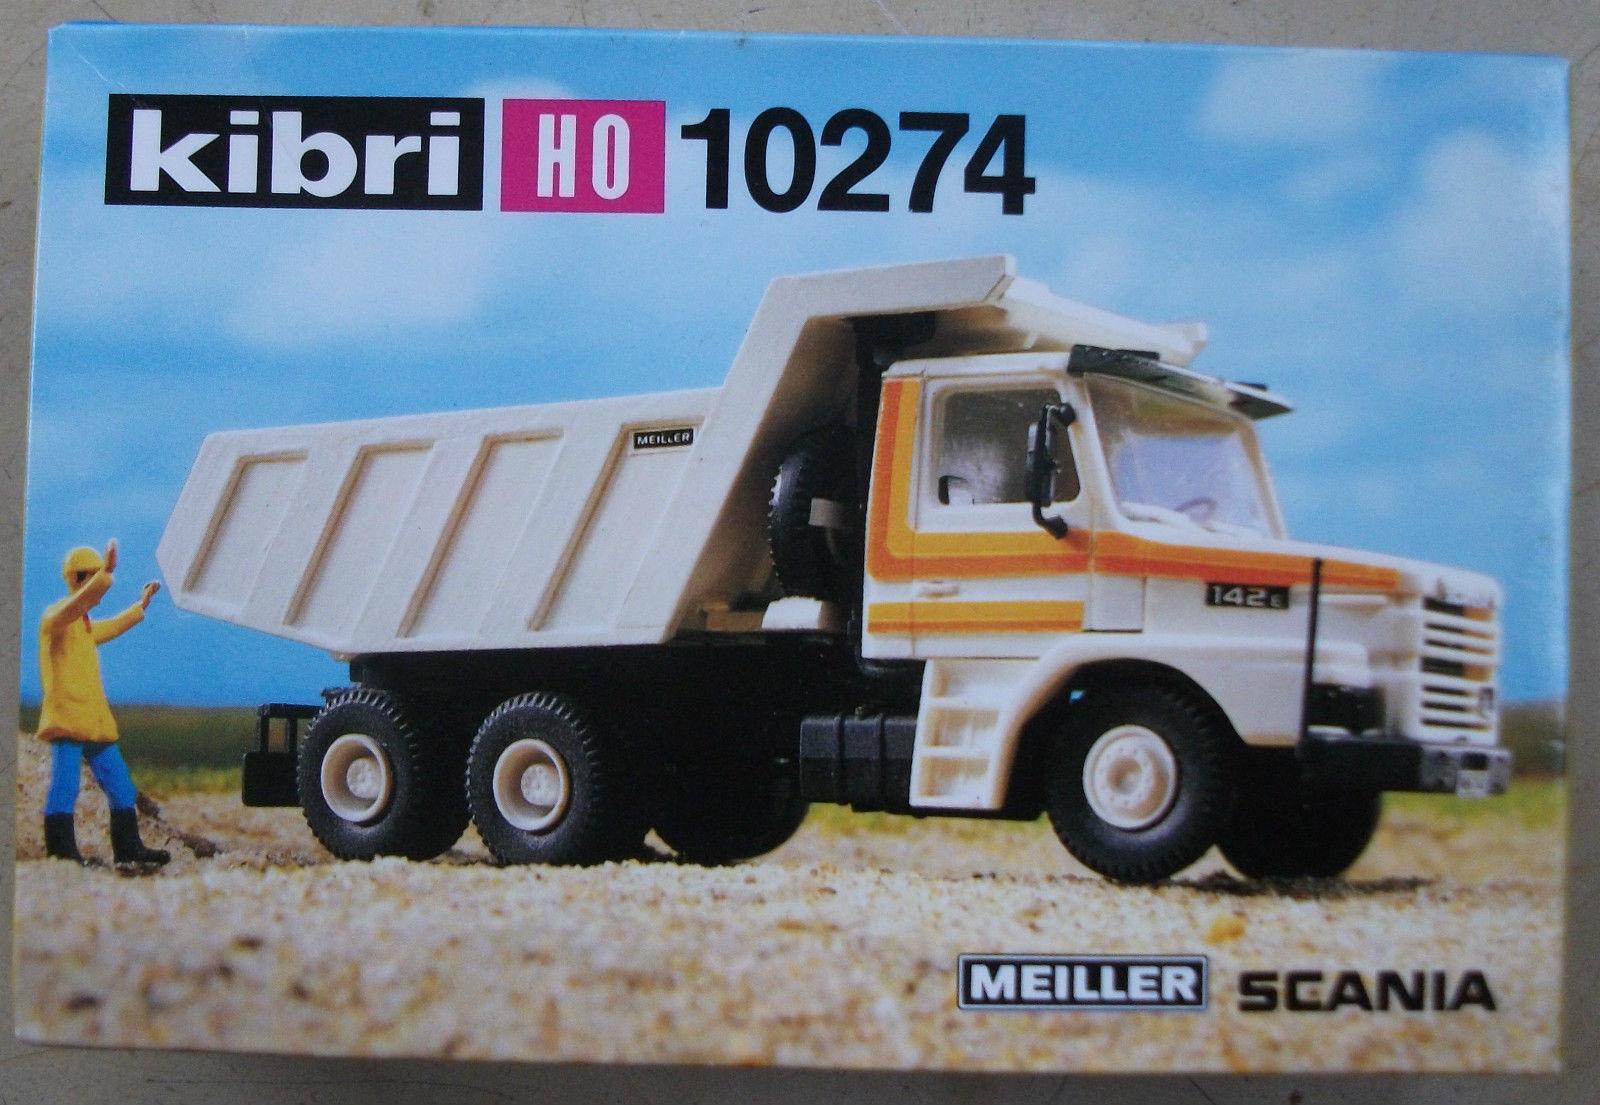 Kibri 10274 - SCANIA 142 E, MEILLER Muldenkipper